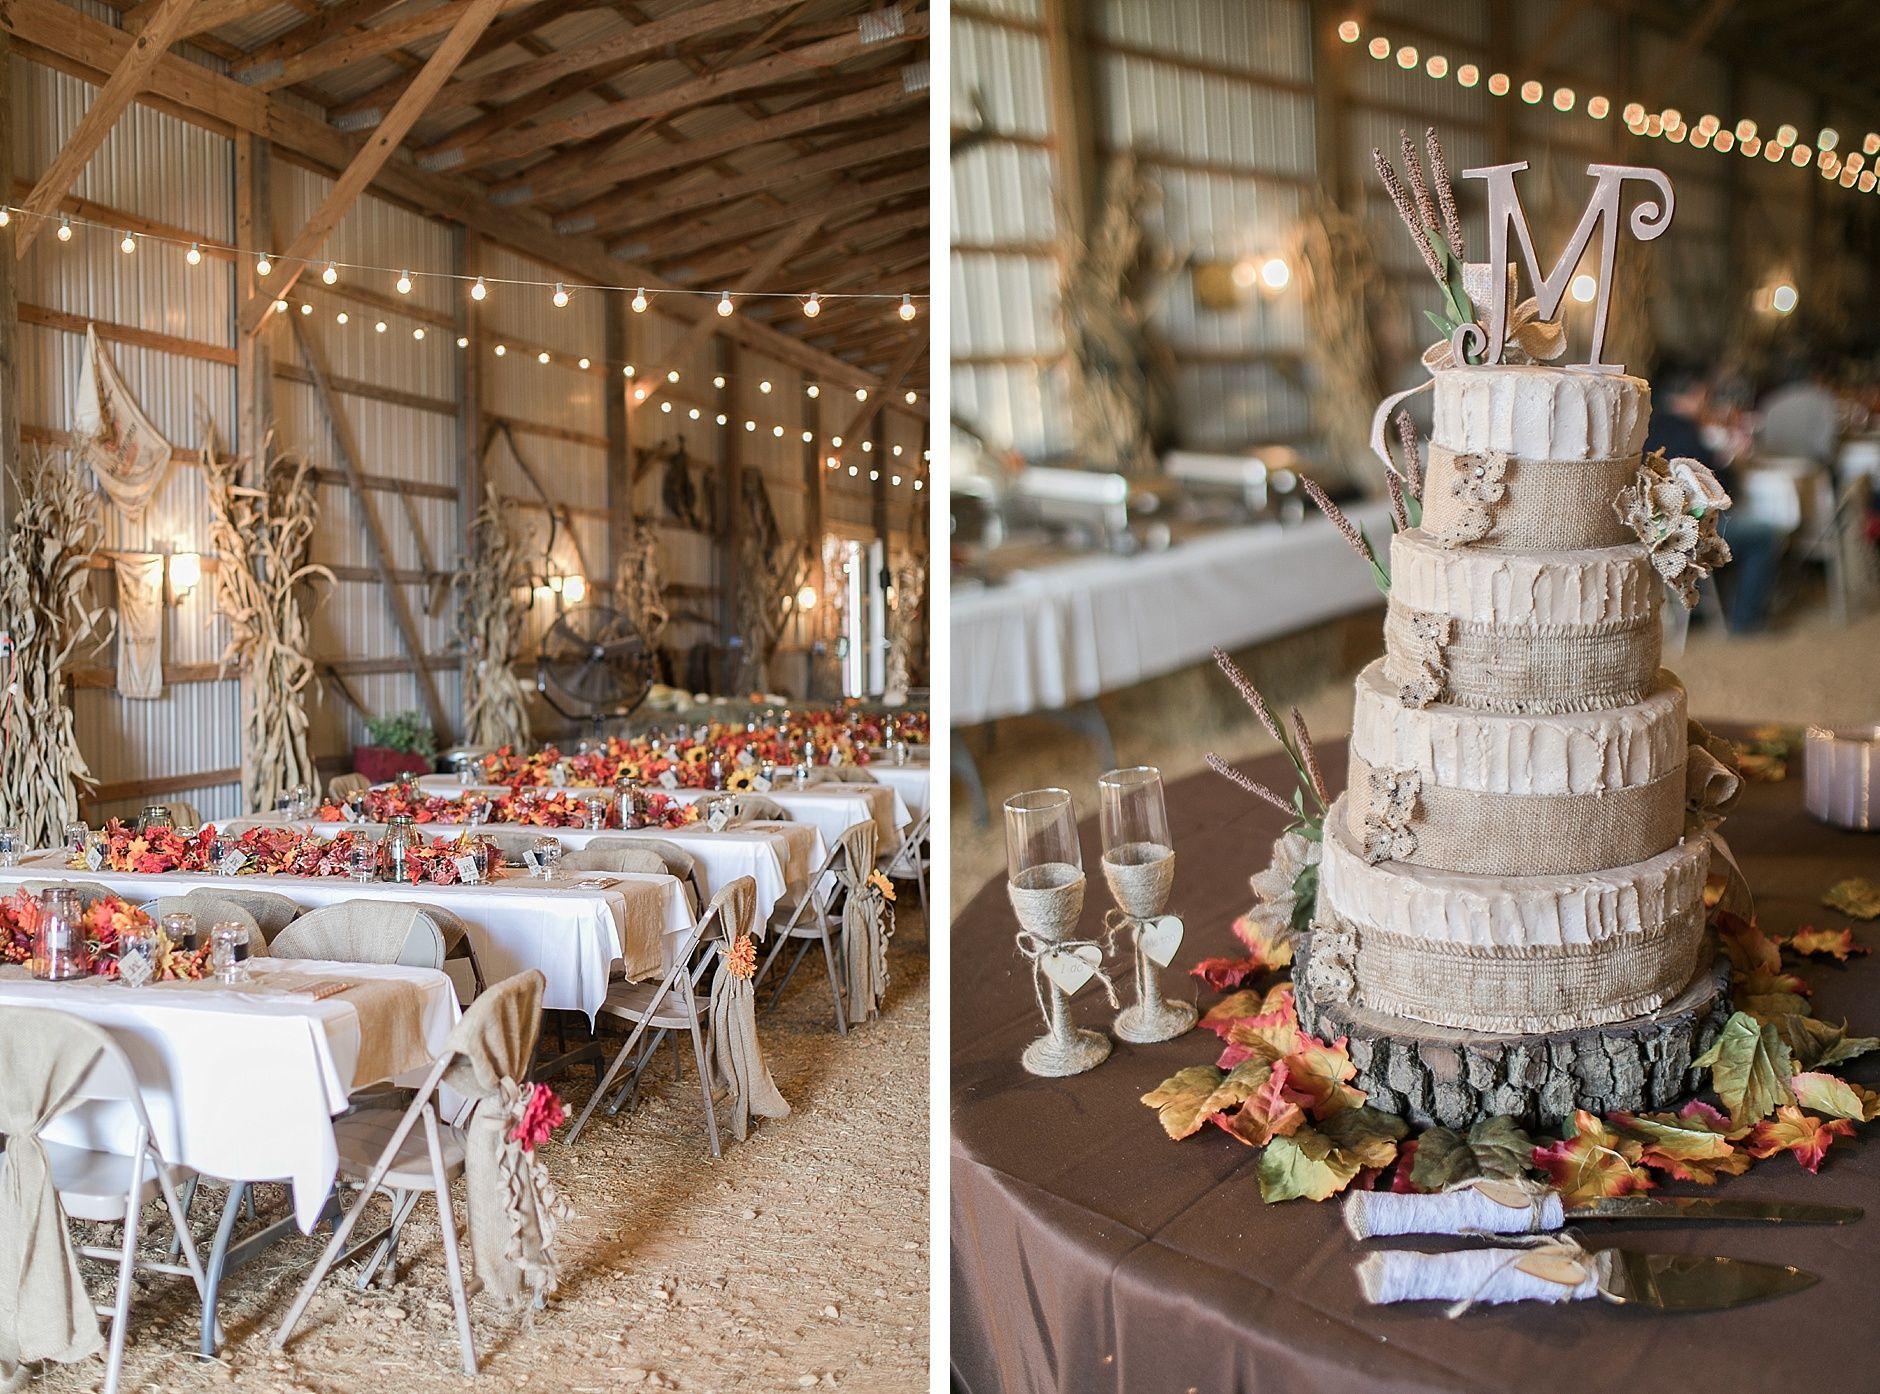 Katy & Bret, A Fall Barn Paducah Kentucky Wedding | Fall ...